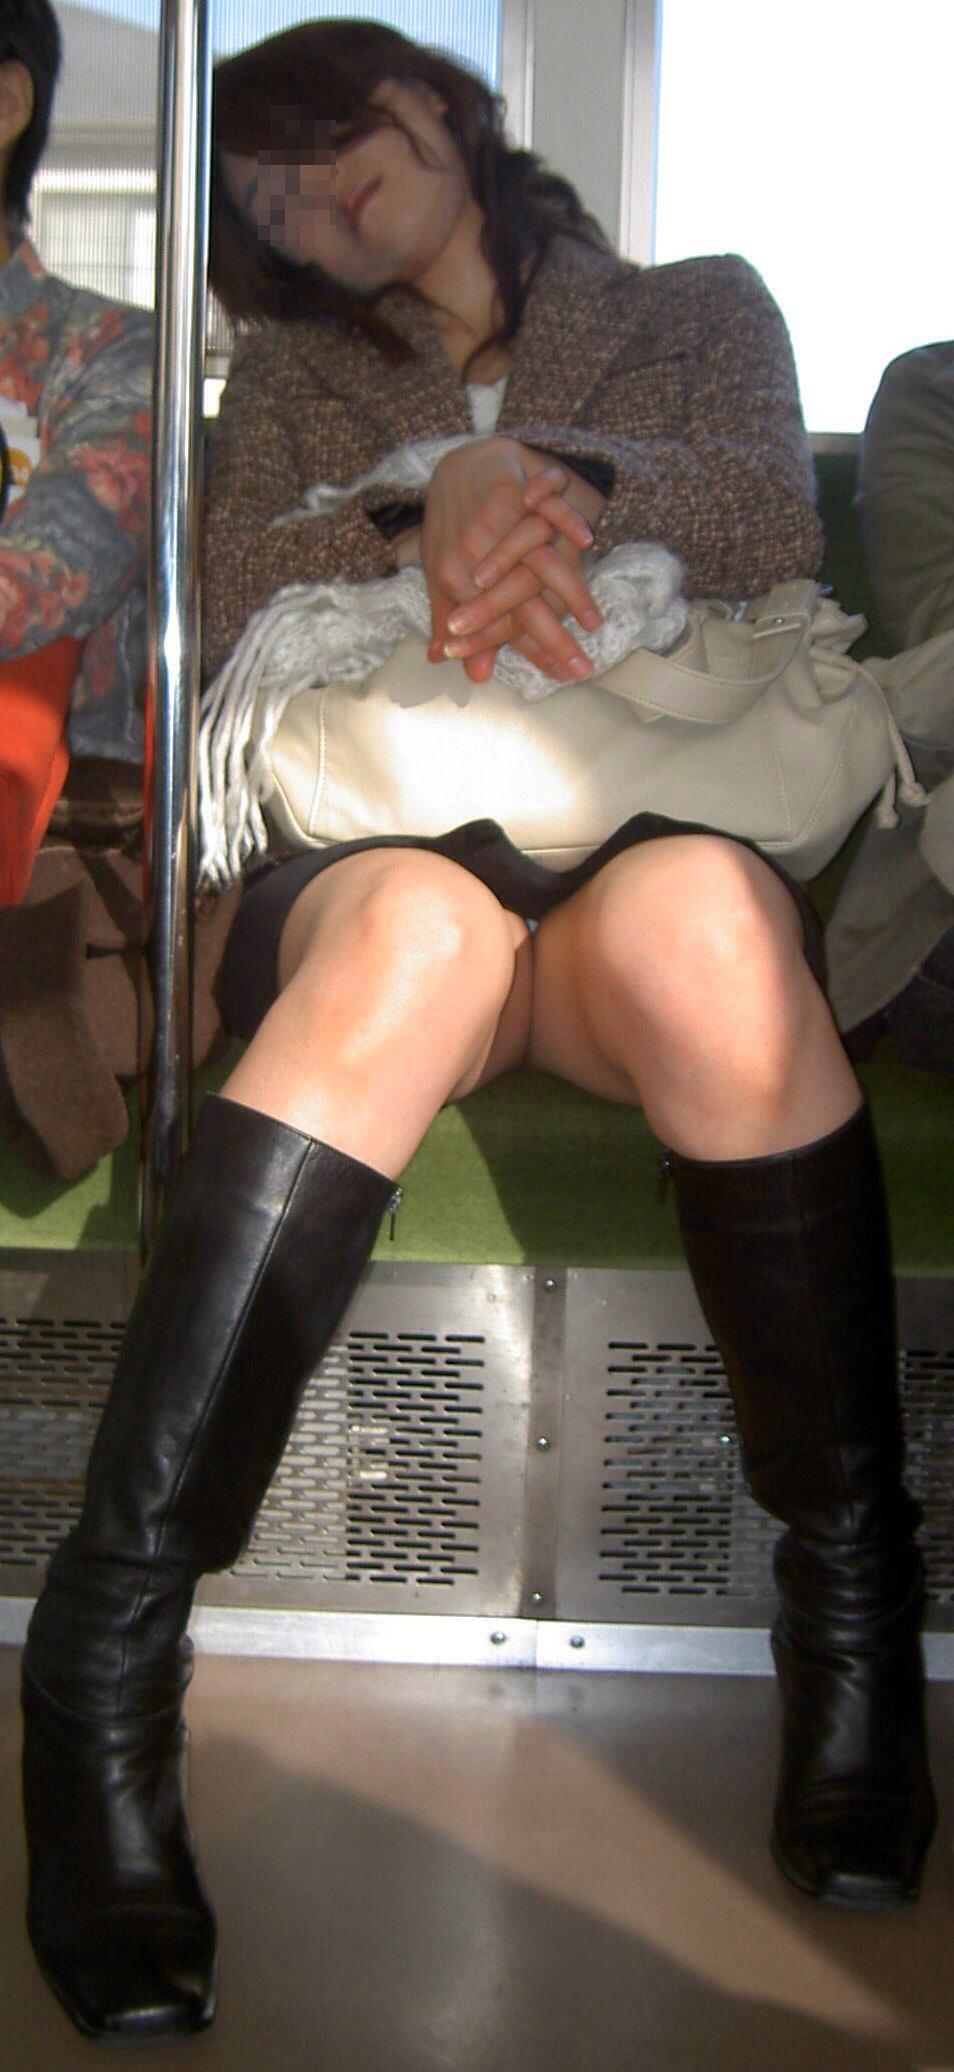 【パンチラエロ画像】標的の行動さえ把握すれば毎日見る事も…電車でゆったりパンチラ鑑賞www 21